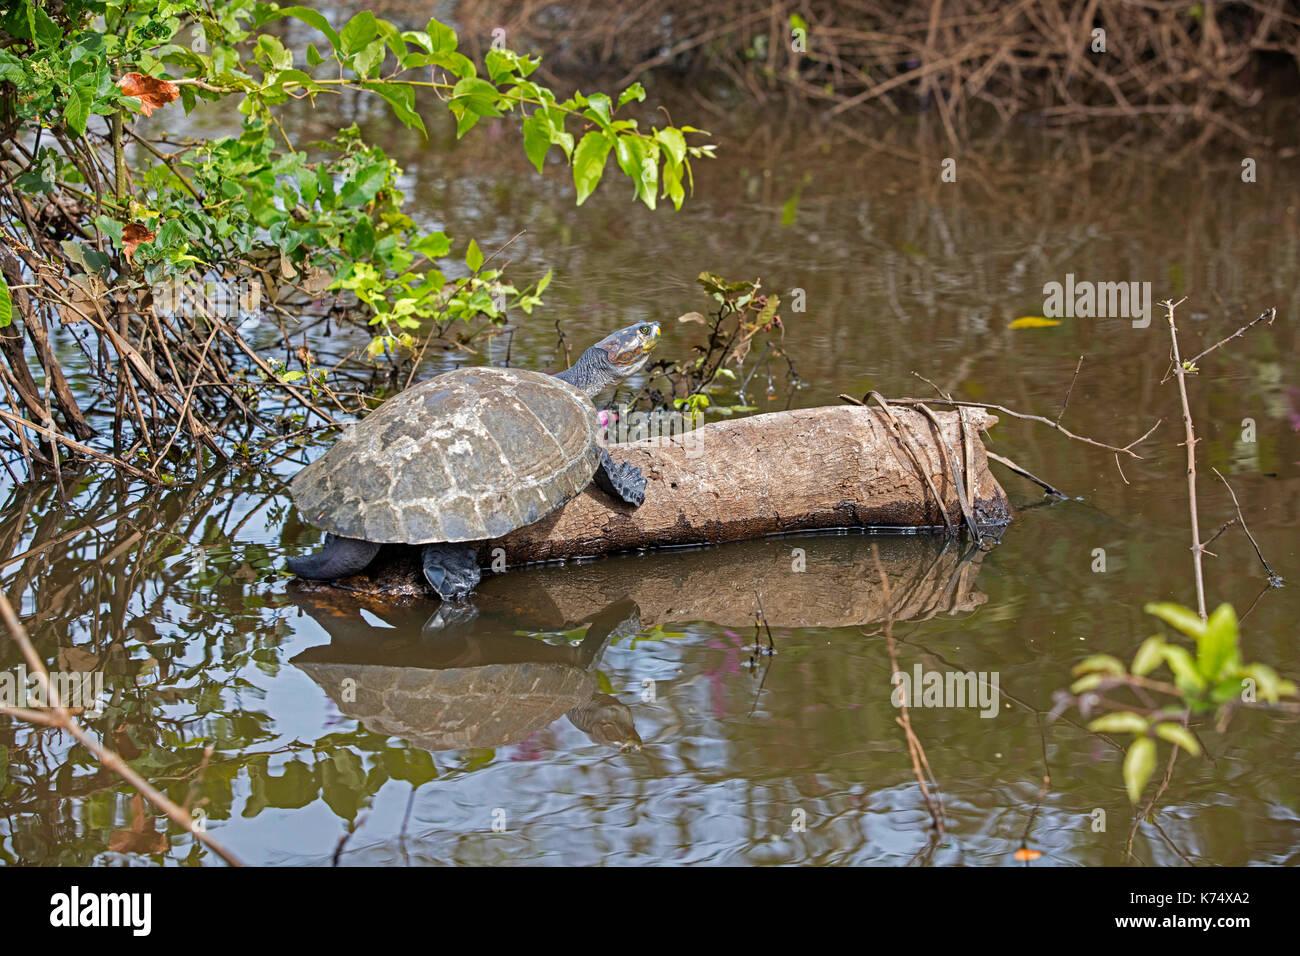 Giallo-macchiato il fiume del Amazon tartaruga / giallo-spotted fiume tartaruga (Podocnemis unifilis) appoggiato sul log in fiume, originario del sud america il bacino amazzonico Immagini Stock